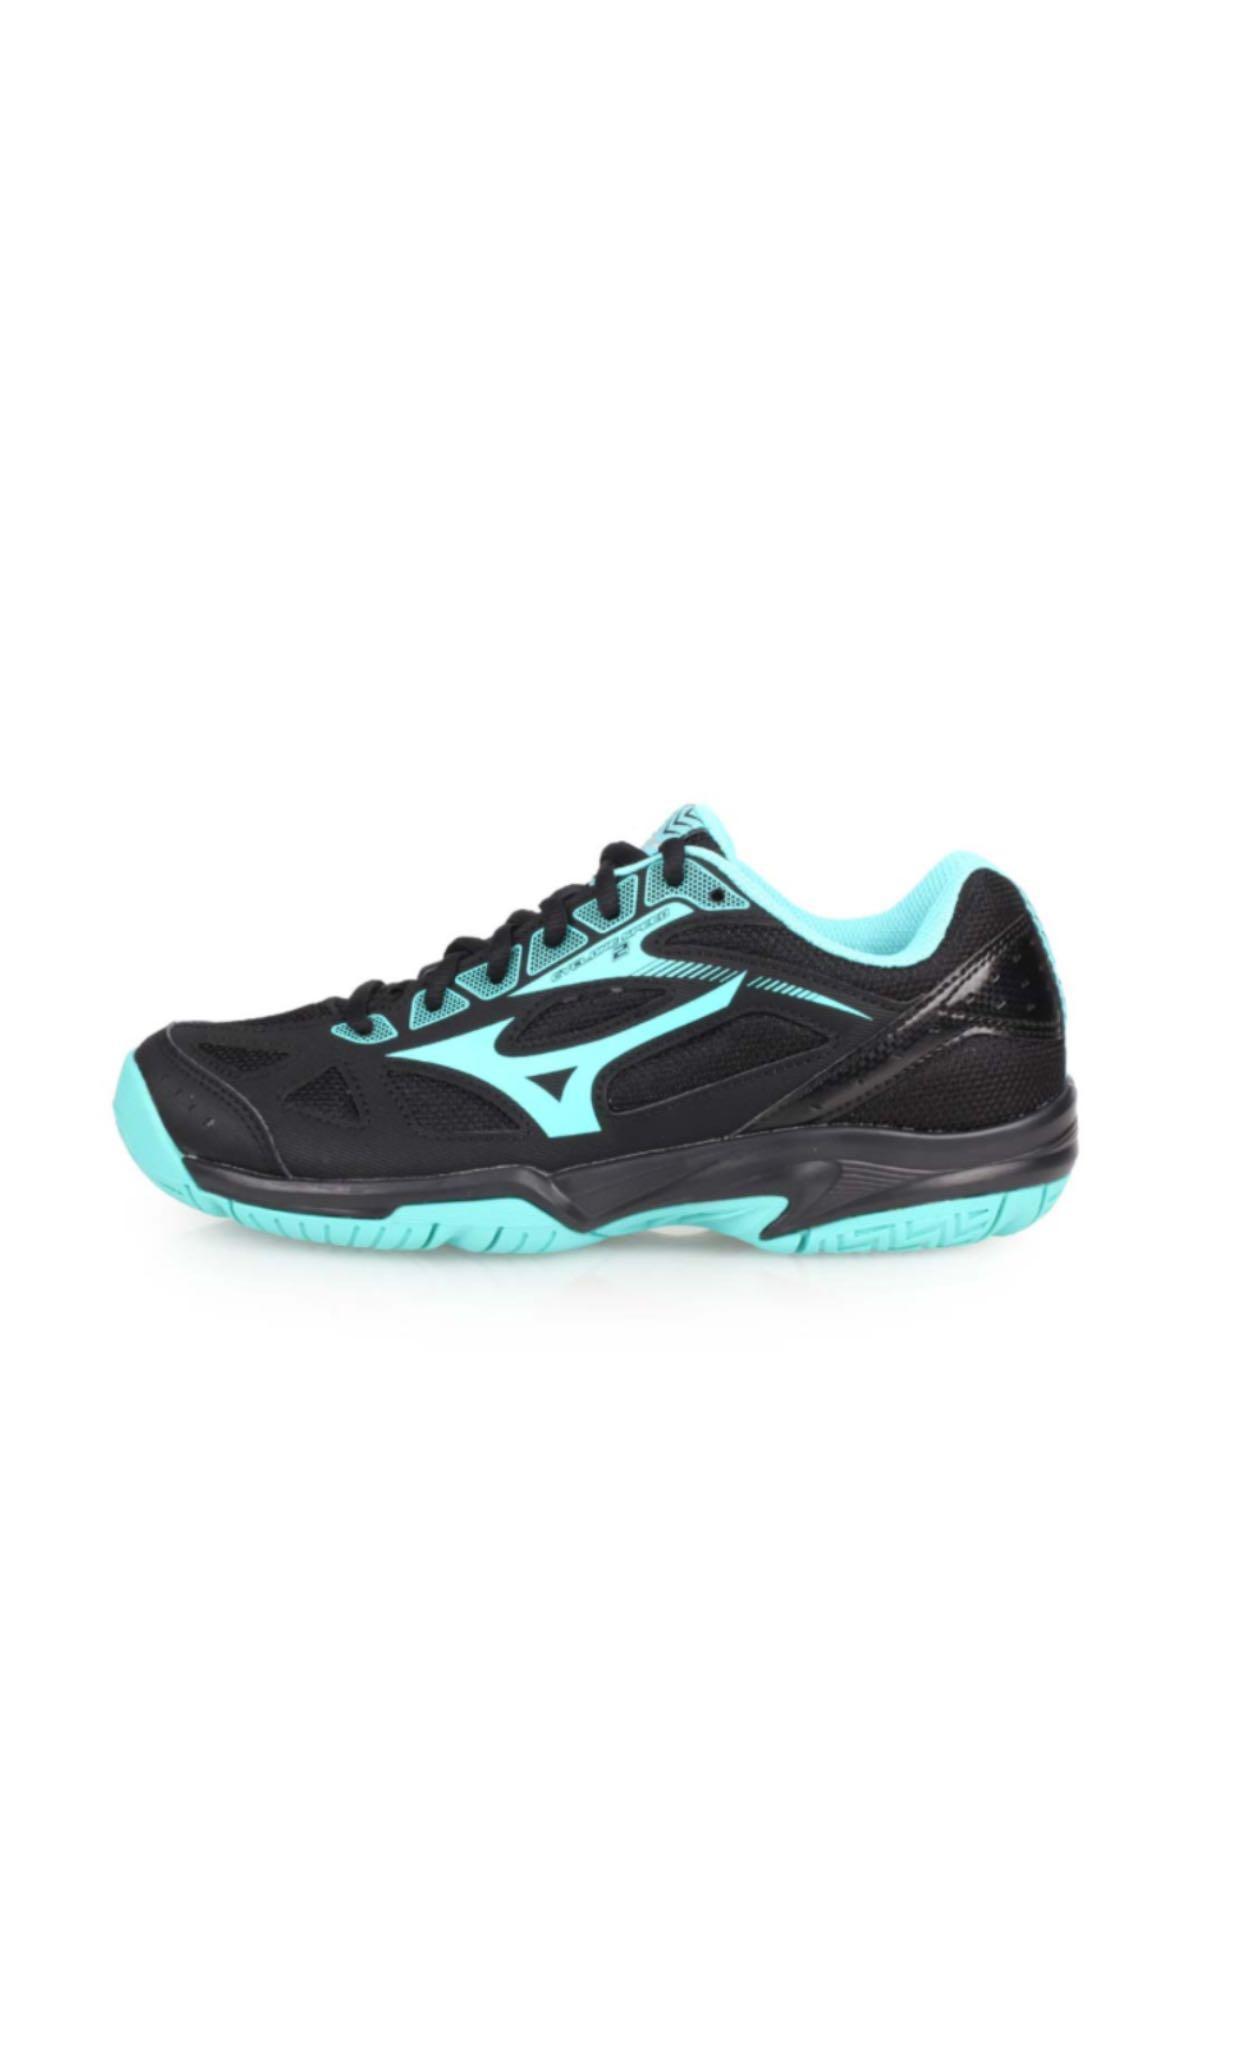 mizuno cyclone speed indoor court shoes precio